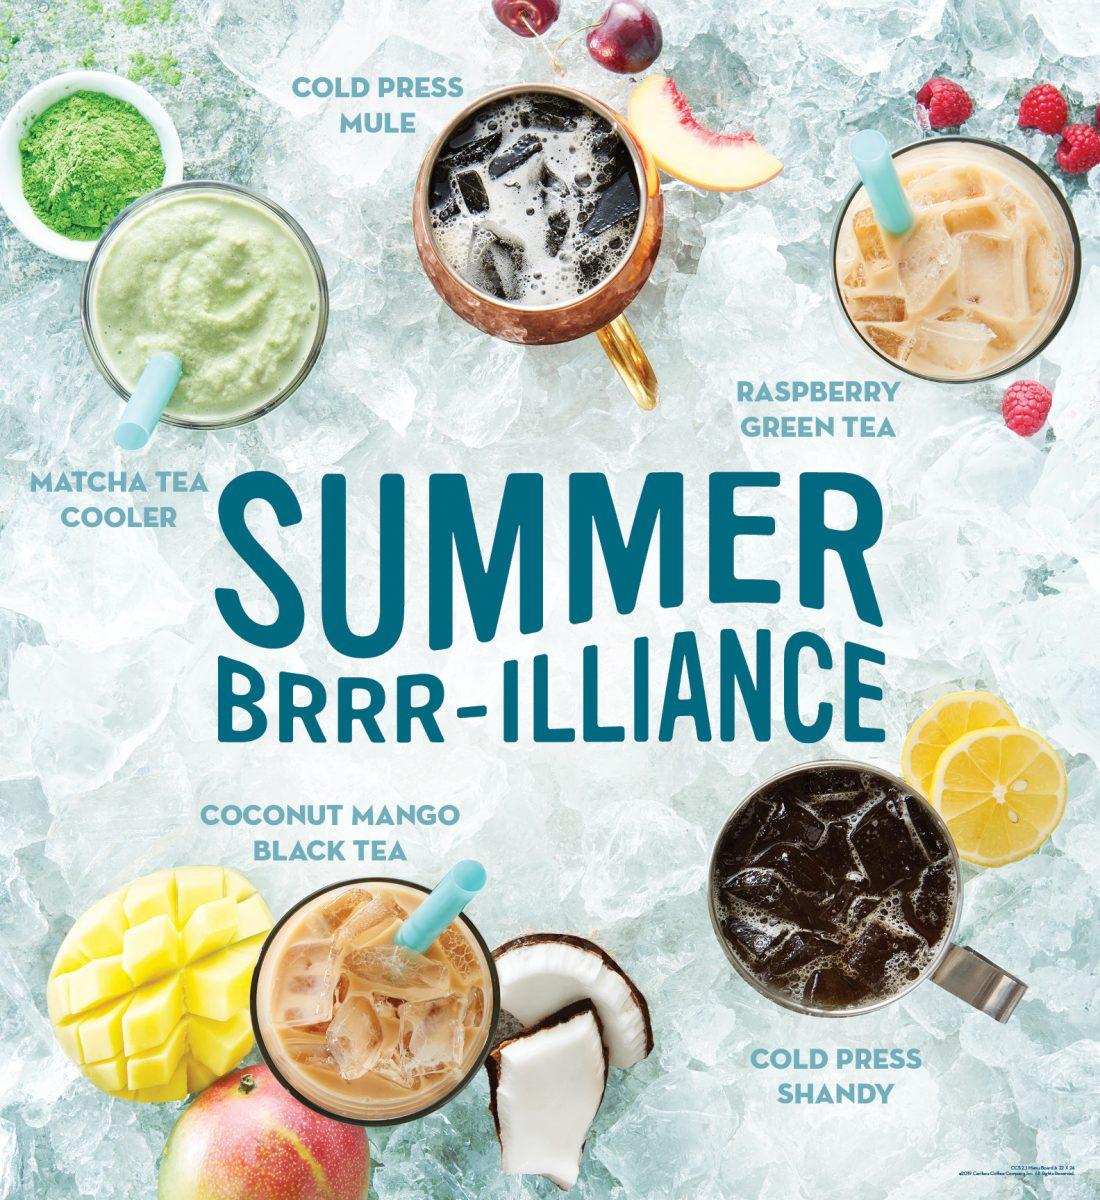 Summer Brrr-illiance